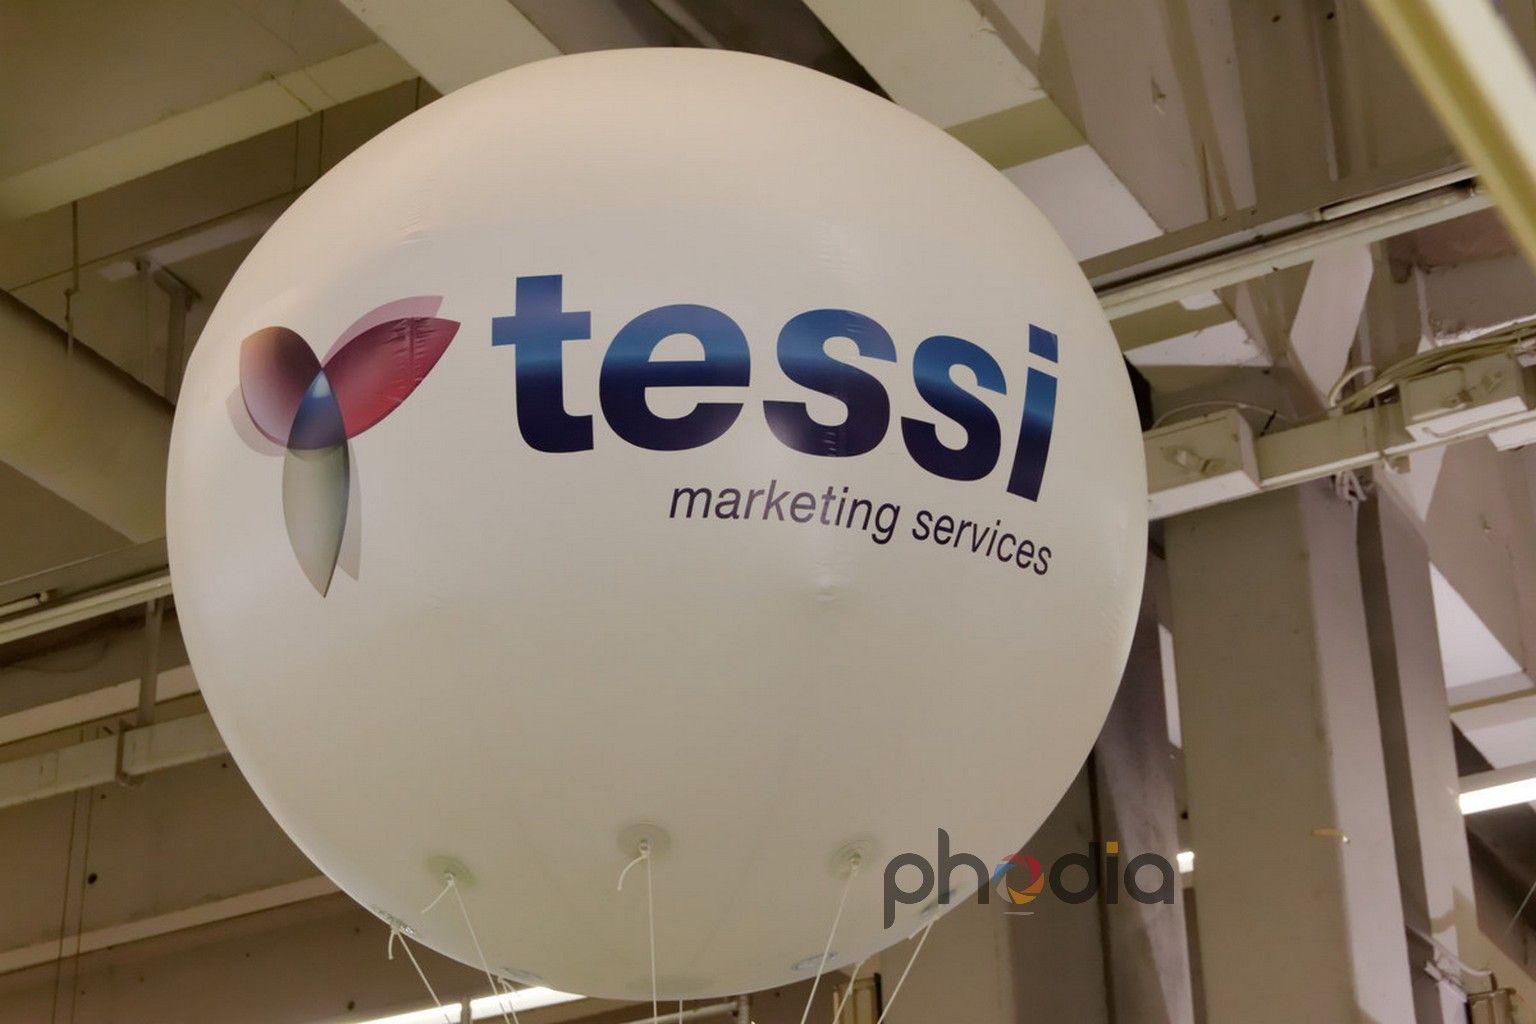 Gonflable publicitaire Tessi au salon e-commerce 2011